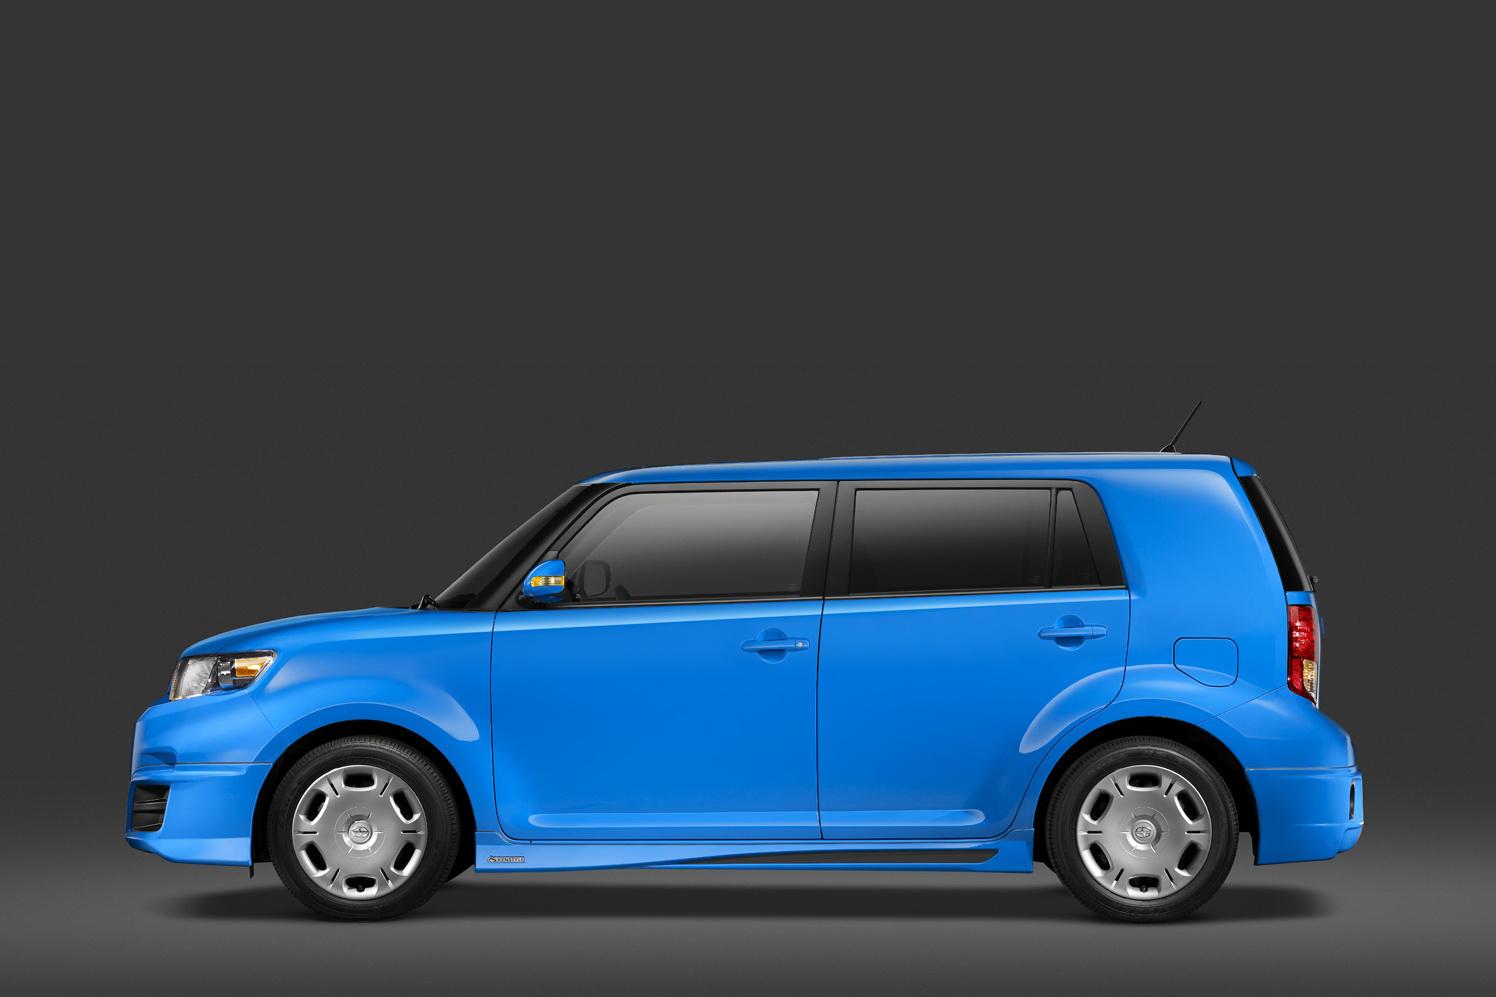 2011 Scion Xb Rs 8 0 Brought To 2010 La Auto Show